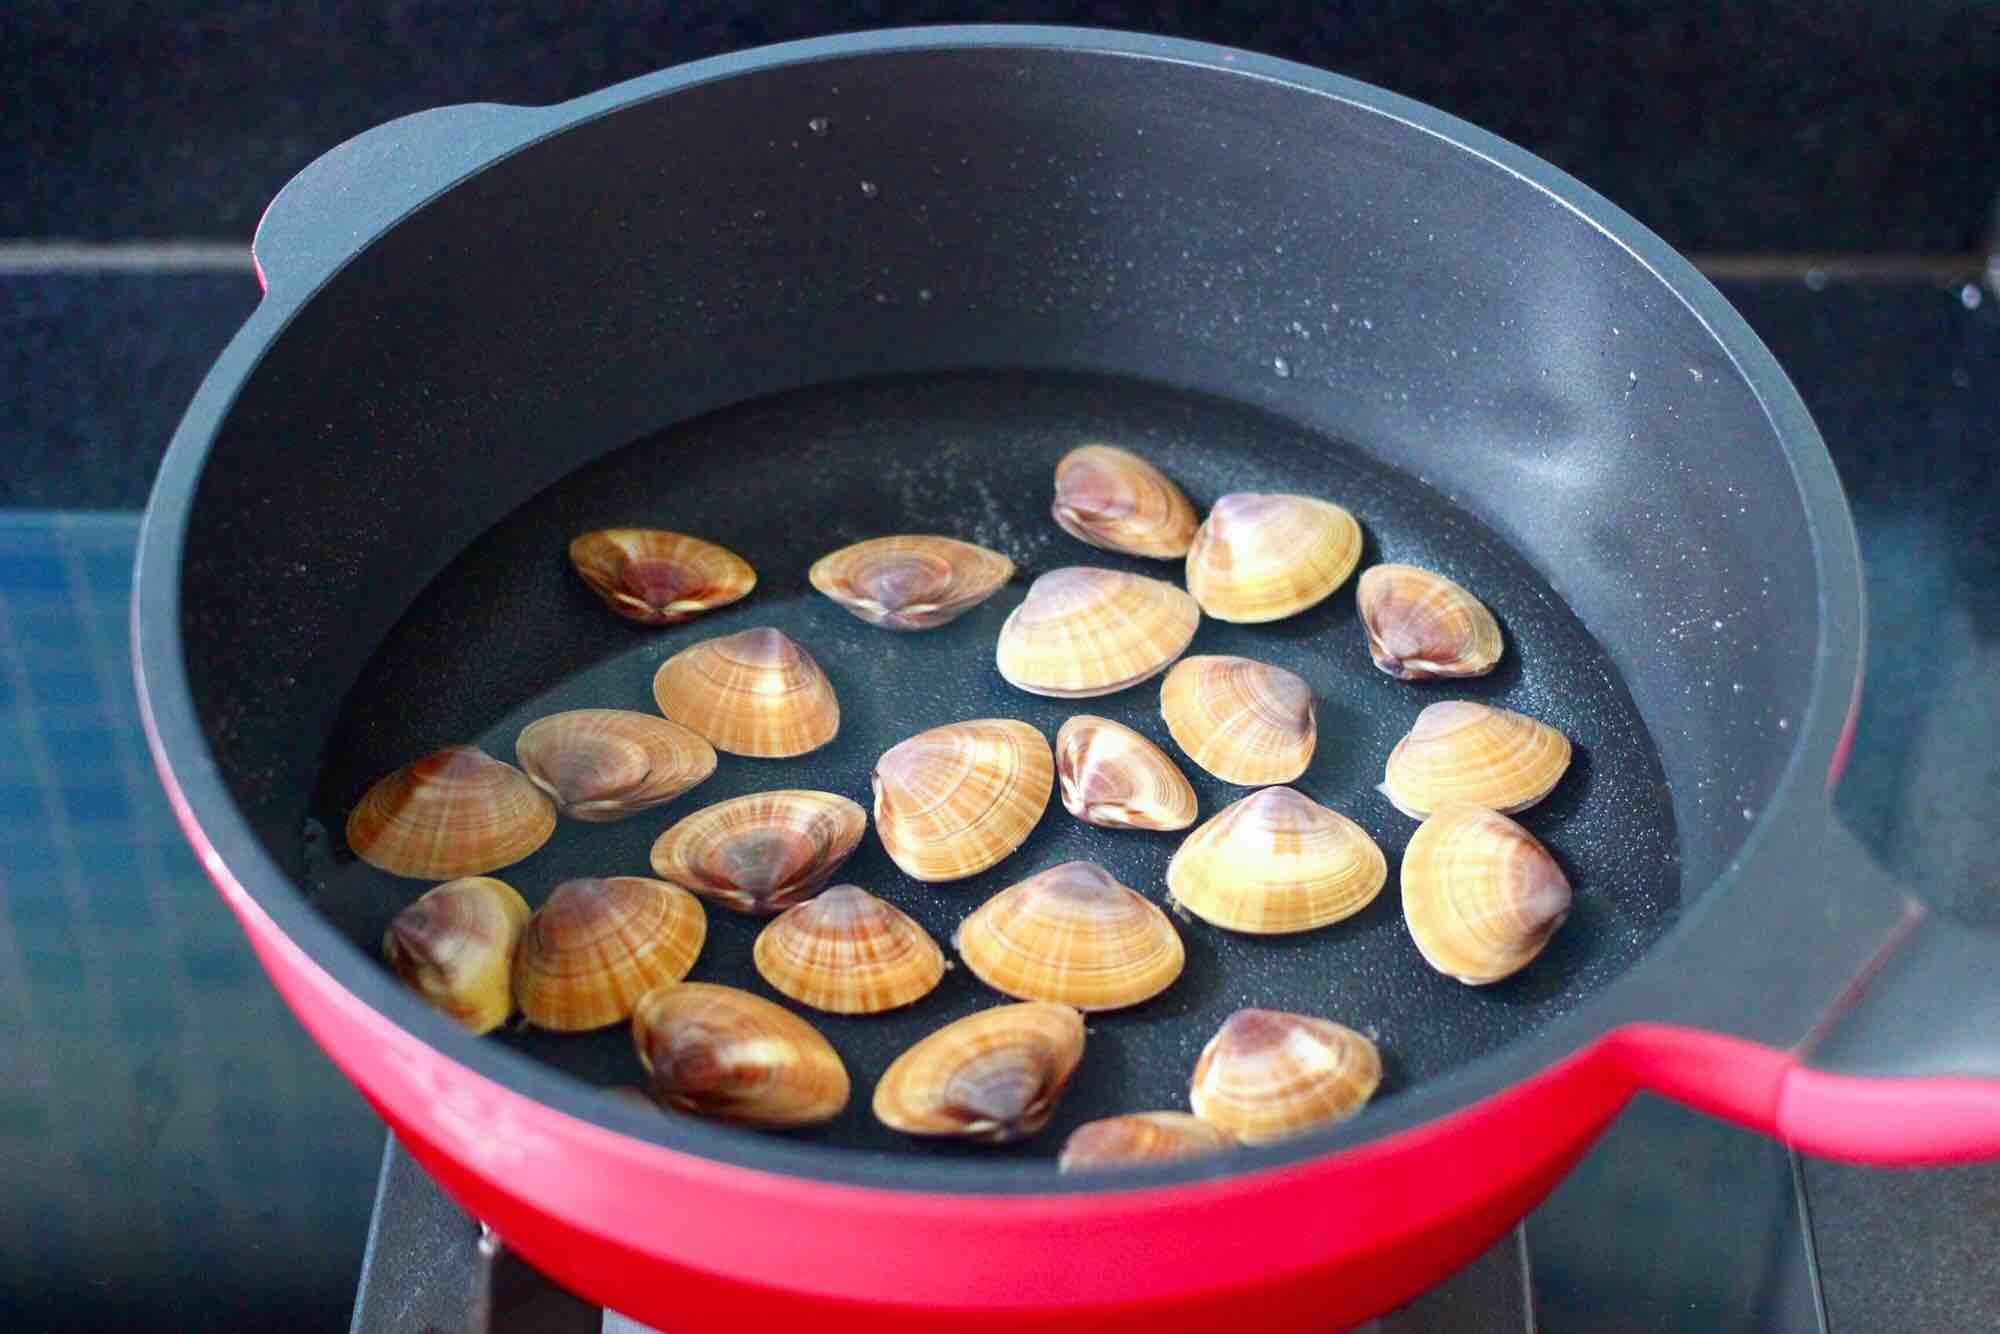 黄瓜飞蛤鸡蛋打卤面的做法图解